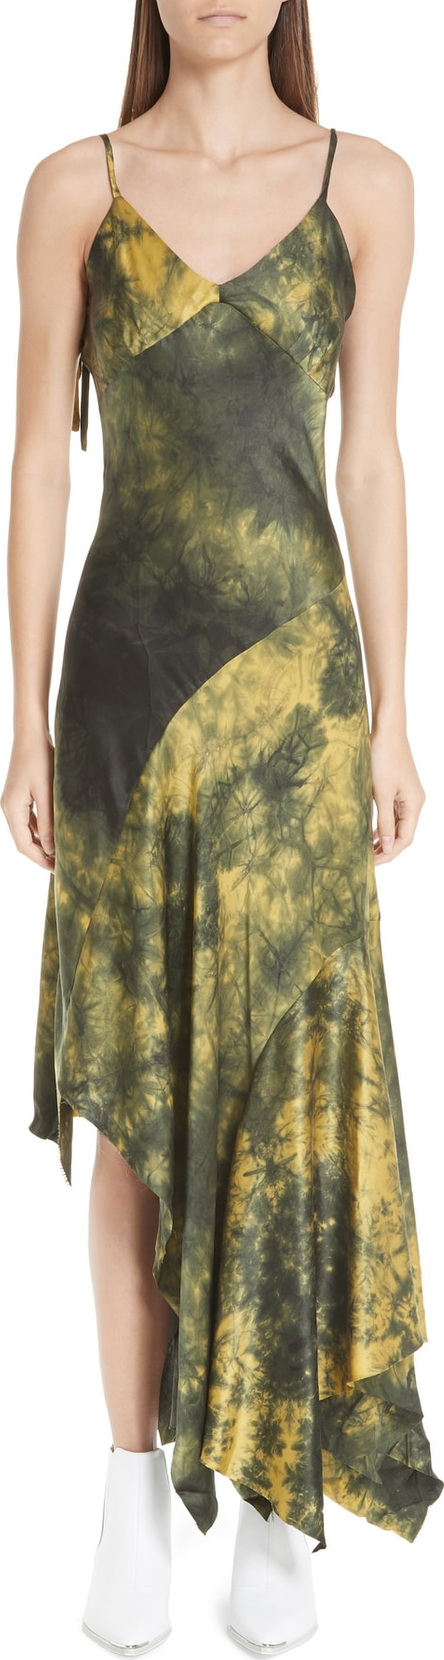 Marques'Almeida Marques'Almeida Tie Dye Silk Dress